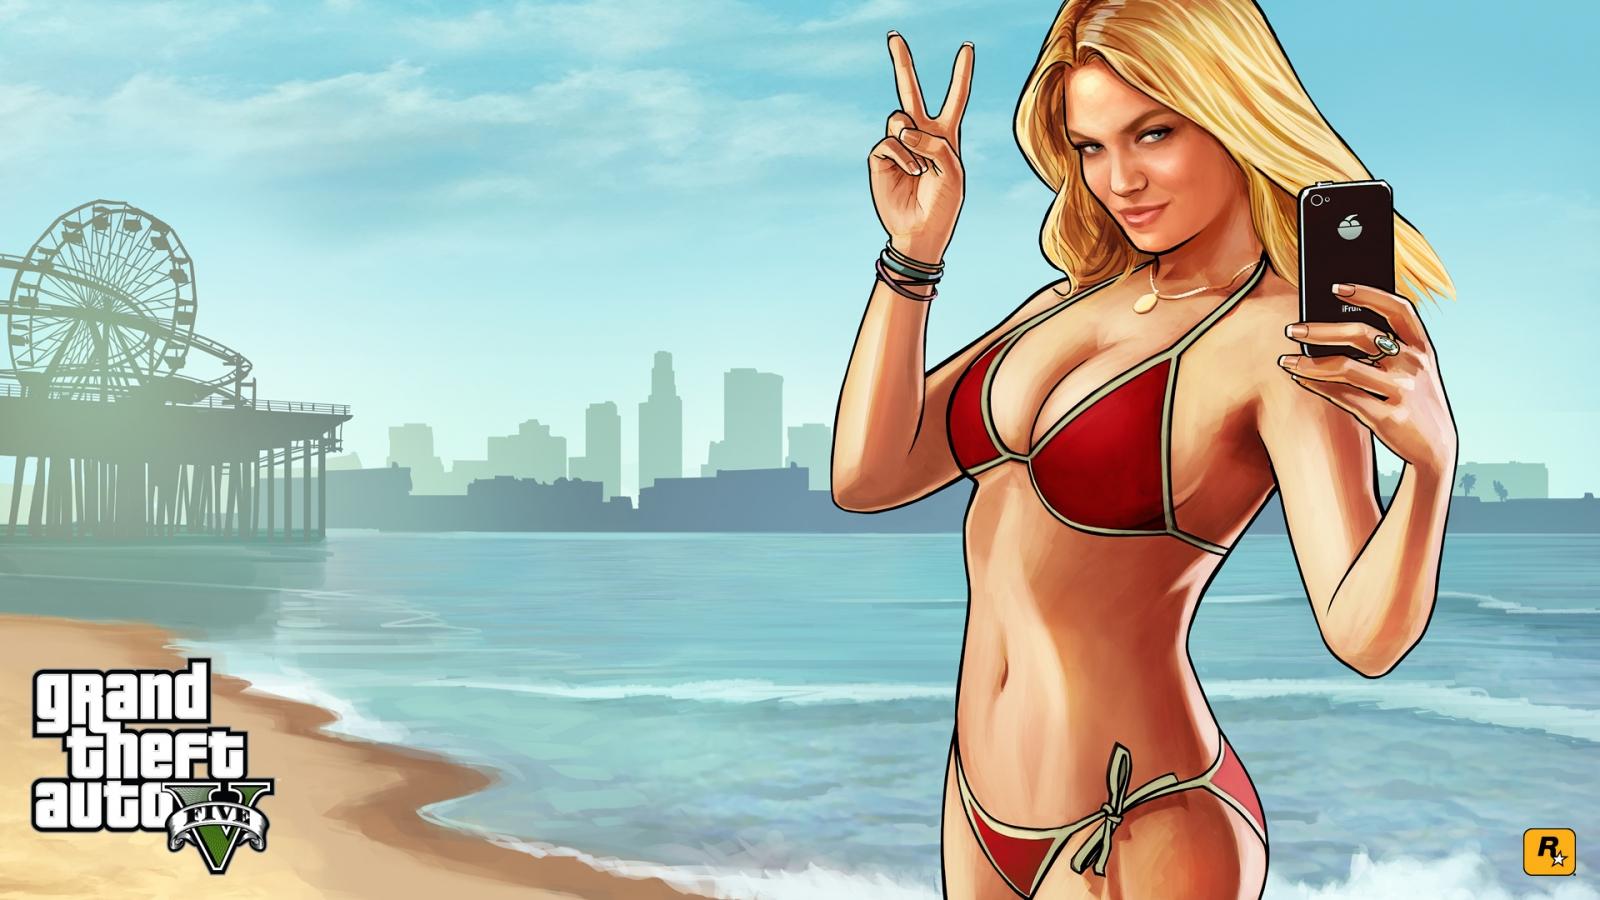 GTA 5 Online: Lindsay Lohan Hits Back at Rockstar Games